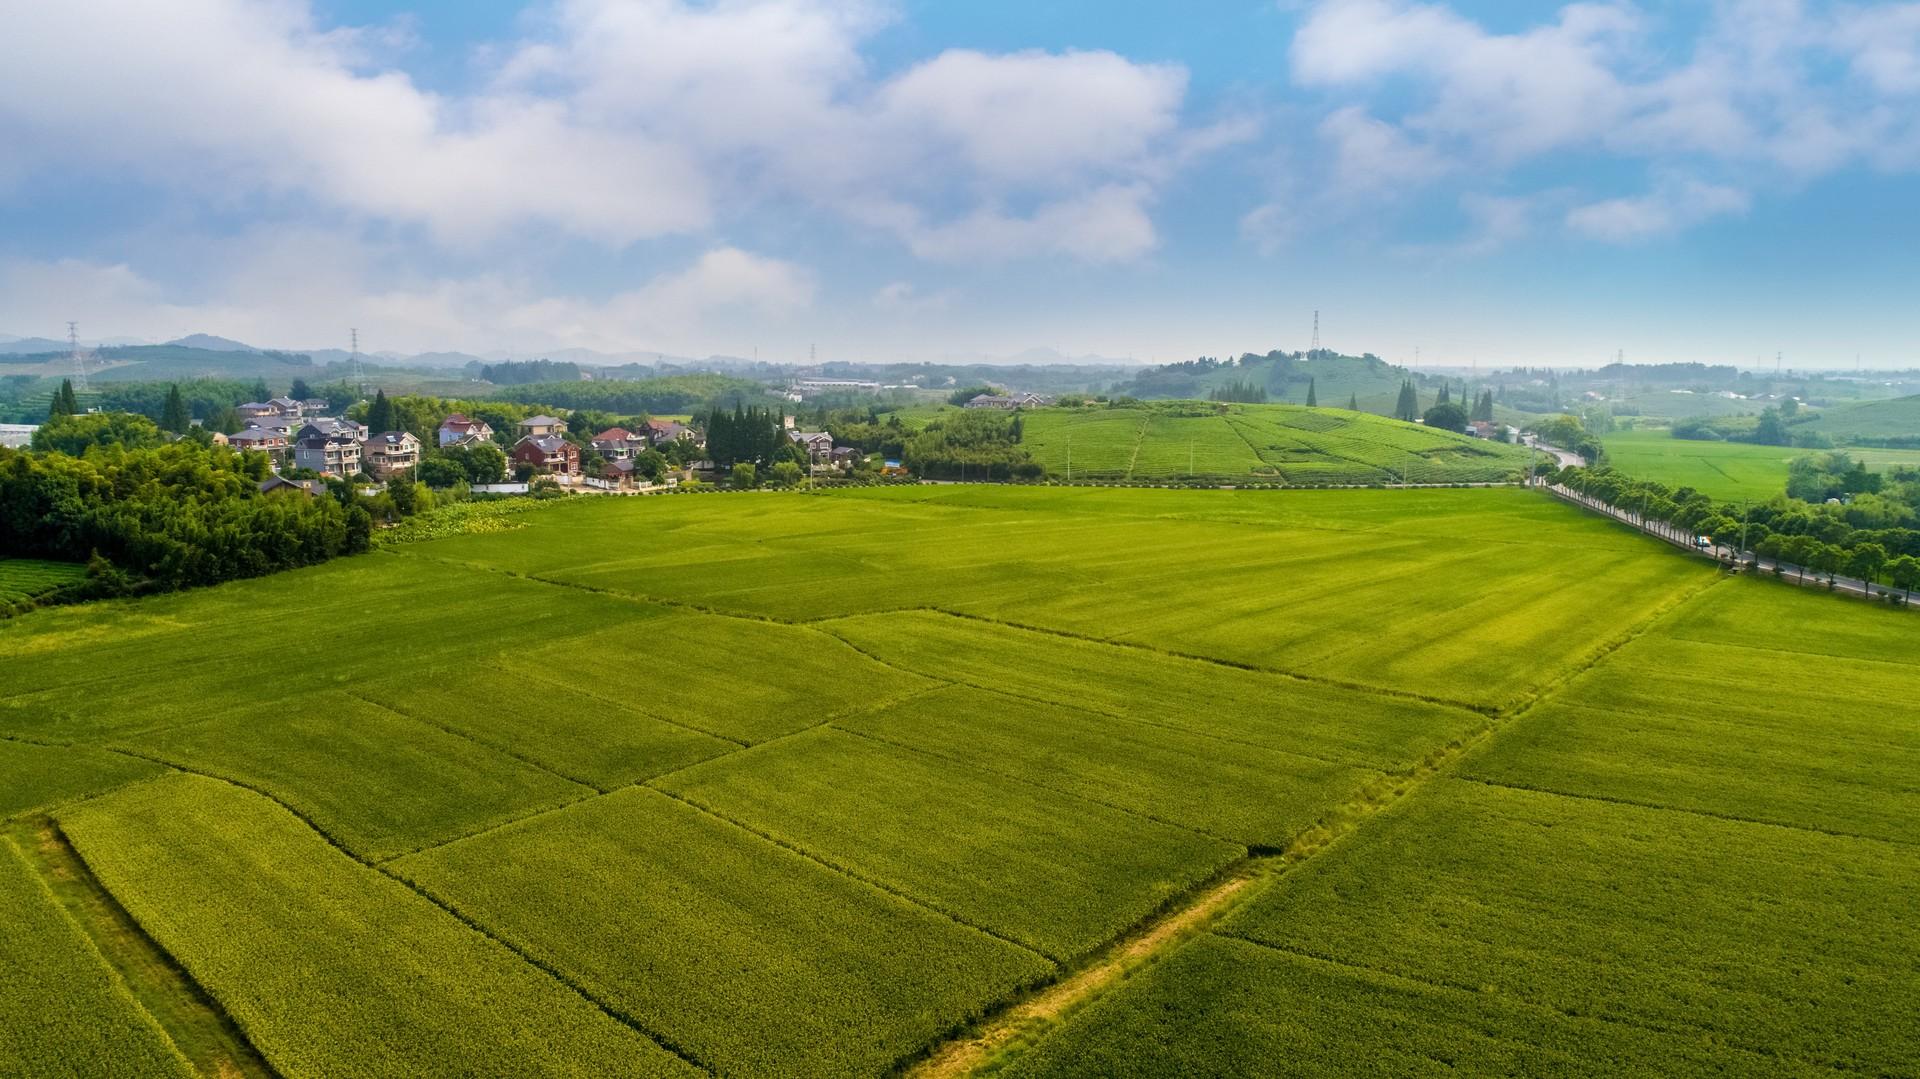 农业农村部:逐步完善土地流转扶持政策